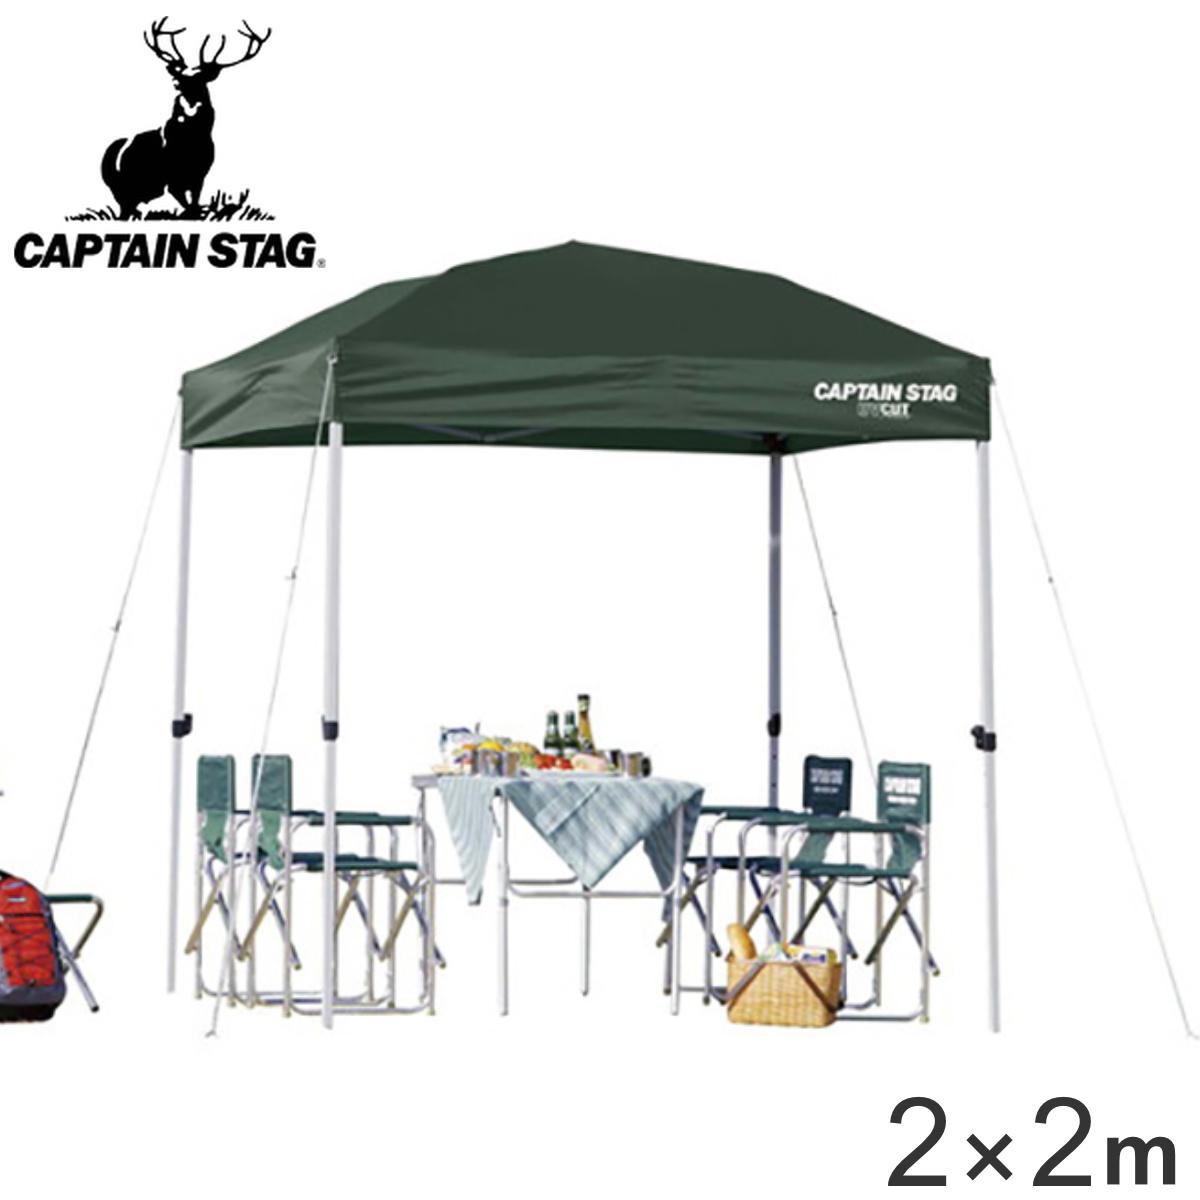 クイックシェード UVカット 防水 キャリーバッグ付 2m×2m グリーン ( 送料無料 キャプテンスタッグ テント ワンタッチタープ CAPTAIN STAG アウトドア 3人 4人 組立簡単 正方形 )